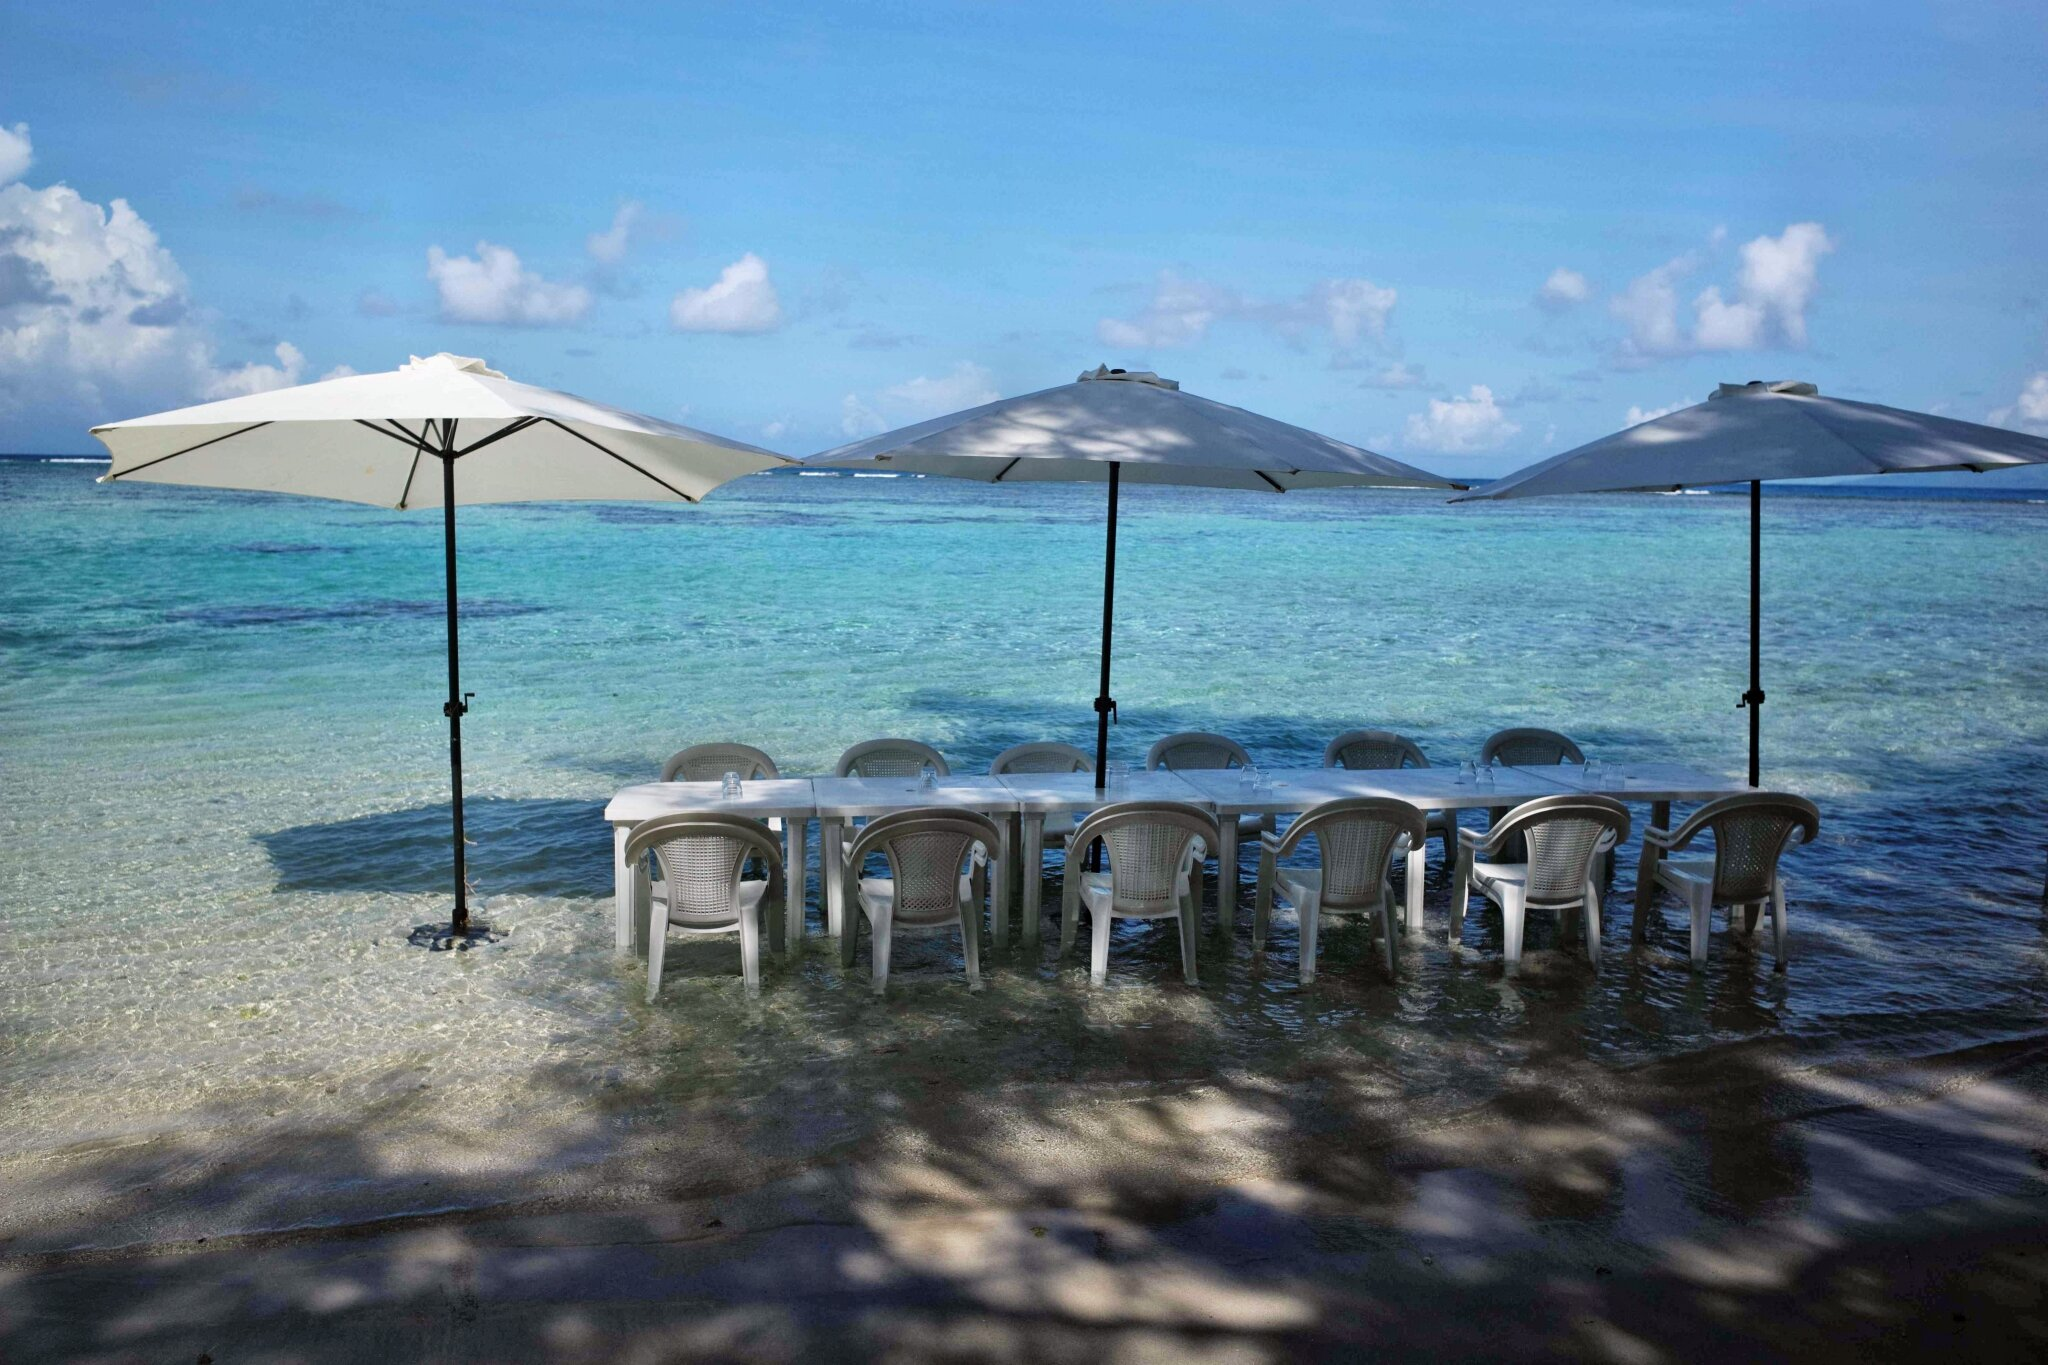 TAHA'A (Île Vanille) 12 - Pique nique pieds dans l'eau